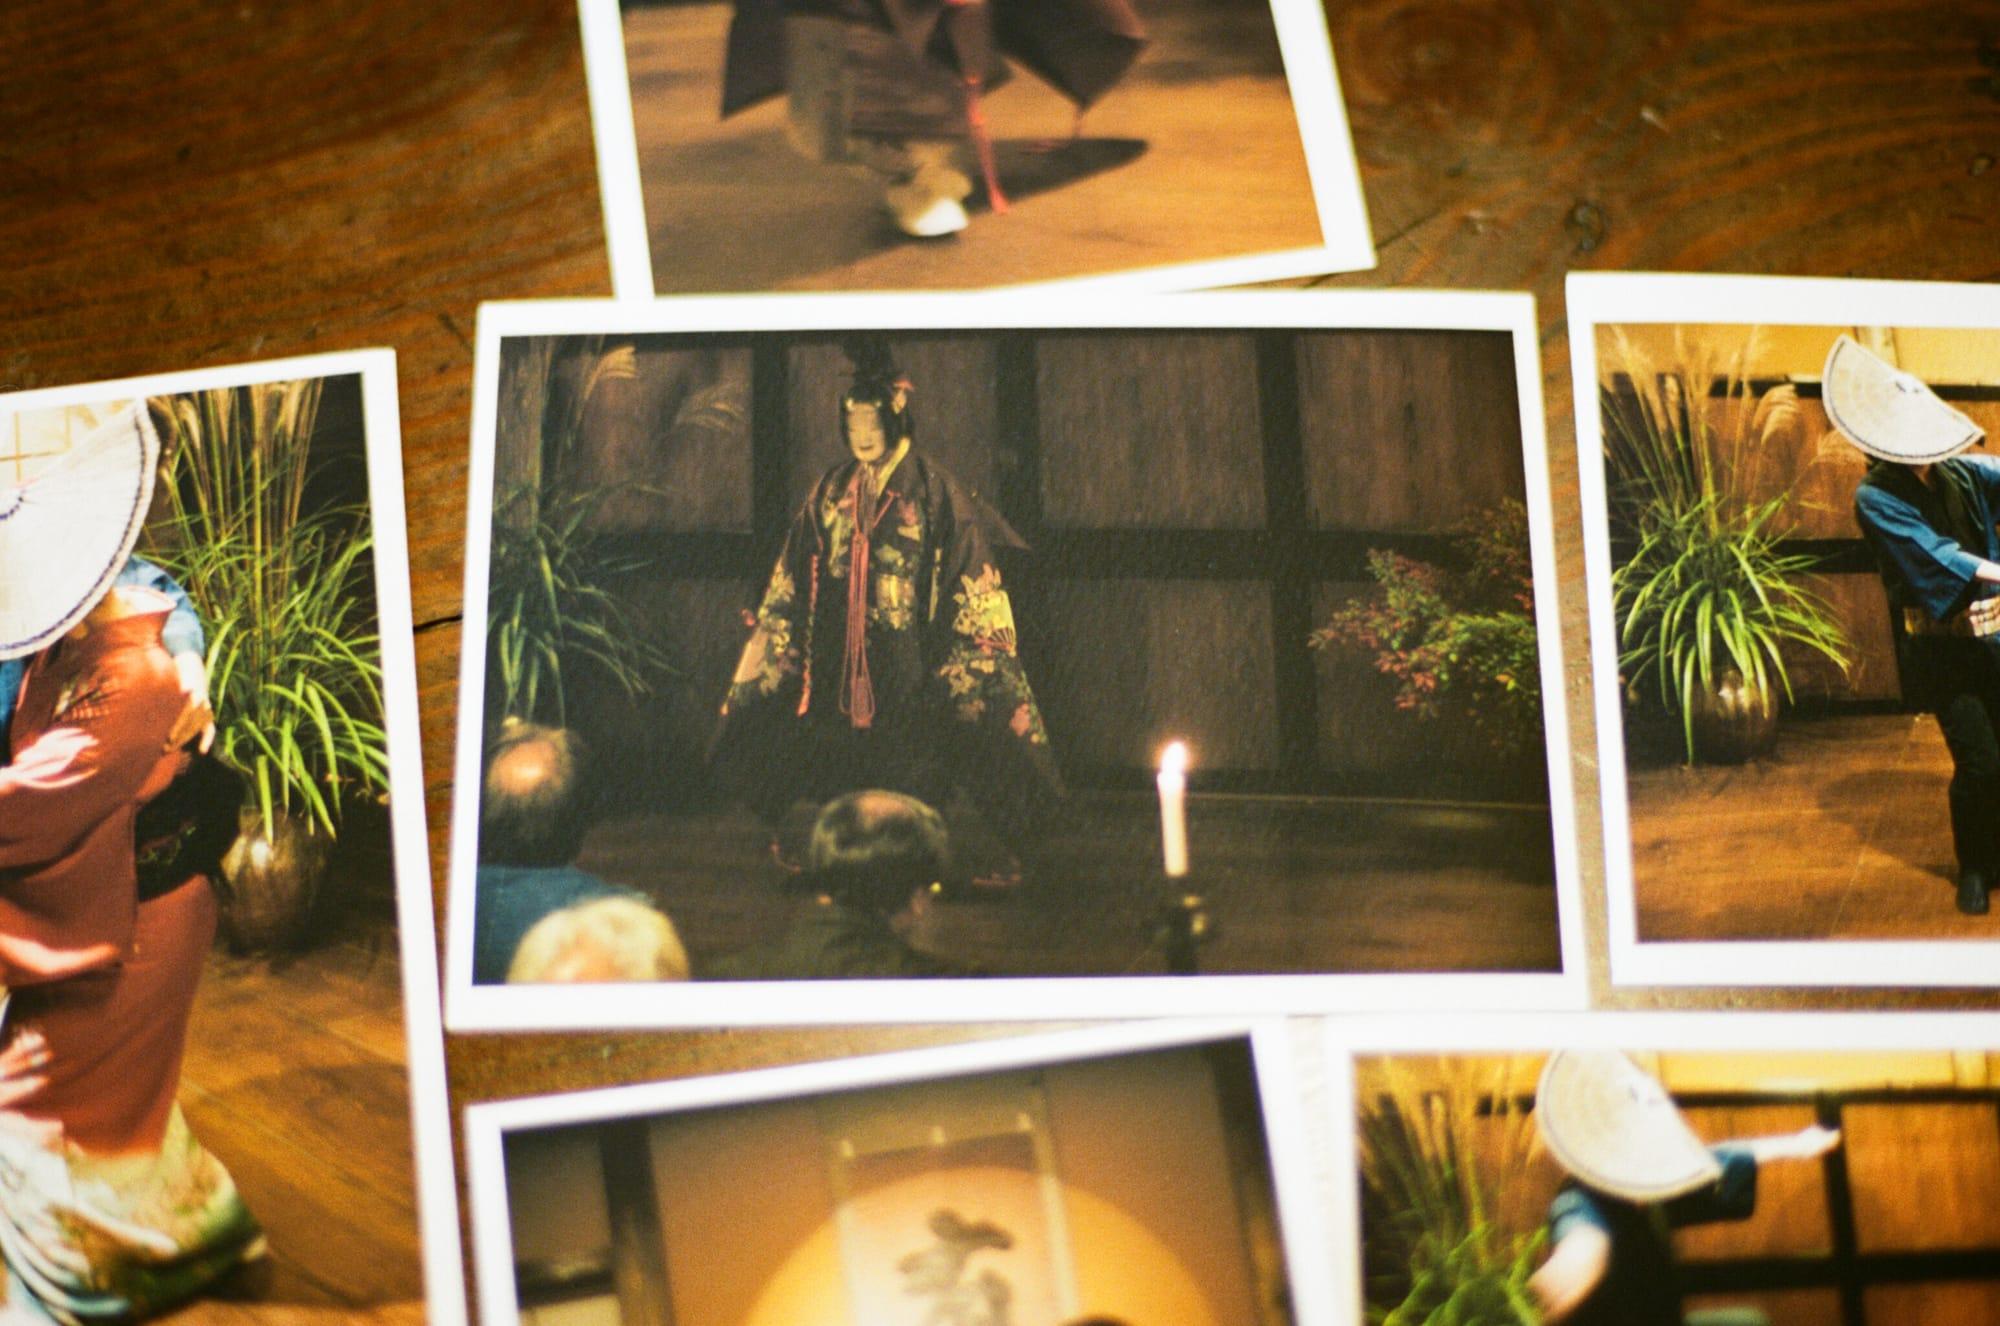 取材の前夜、古本さんの自宅では、お月見と称し、能の舞台が催されていた。